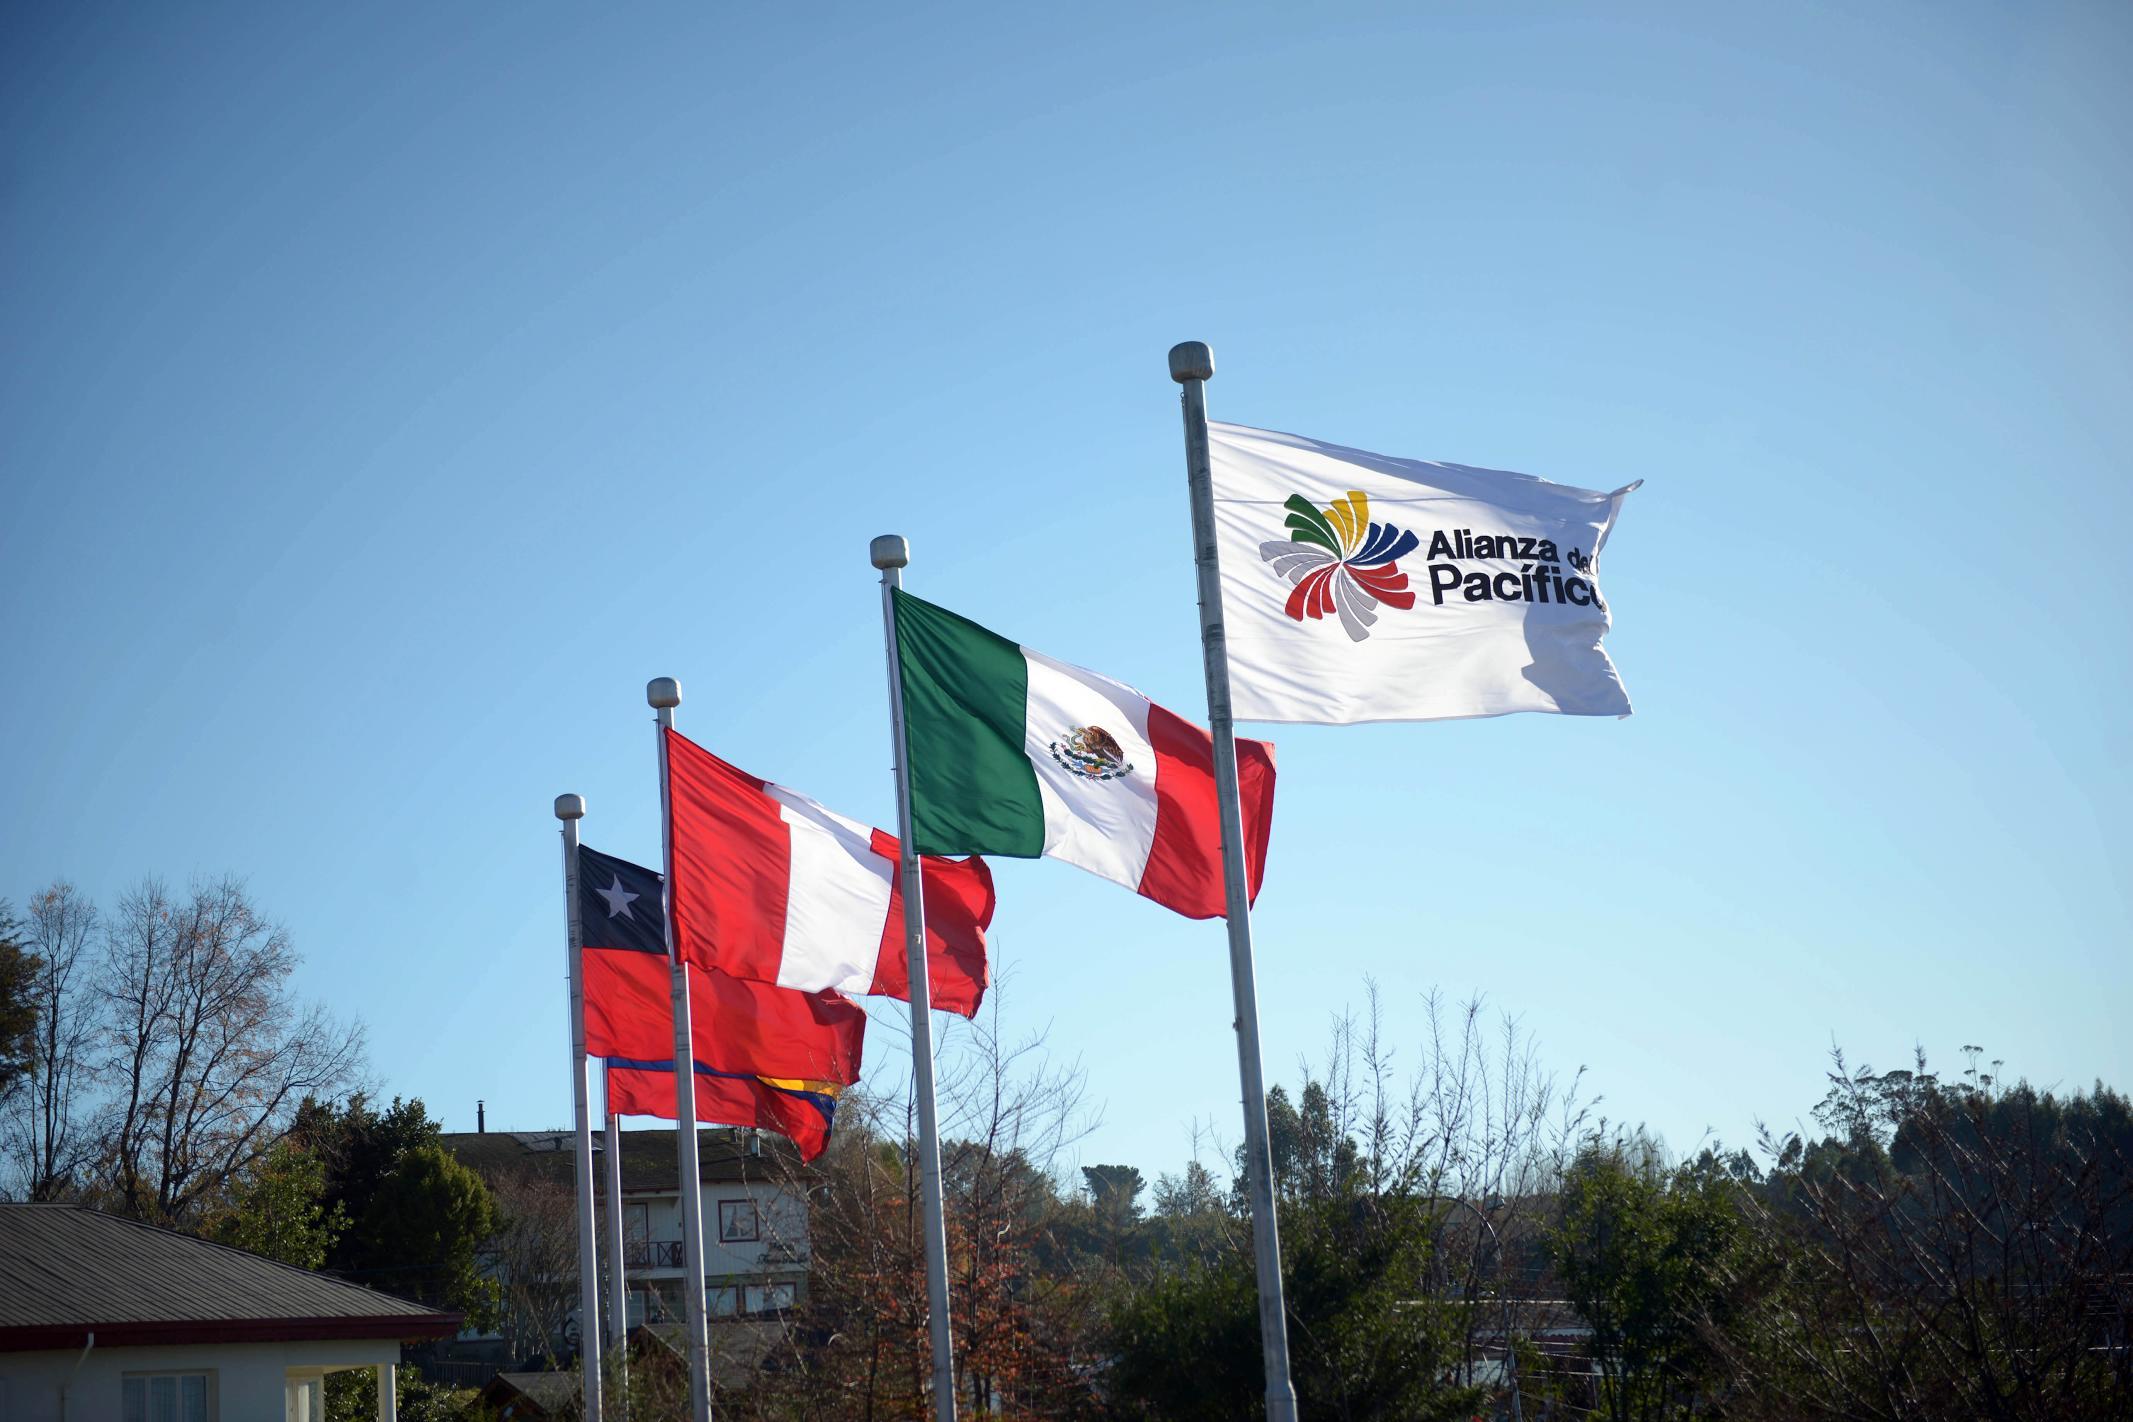 La Alianza del Pacífico es un espacio relevante que fortalece la presencia de México en la región.